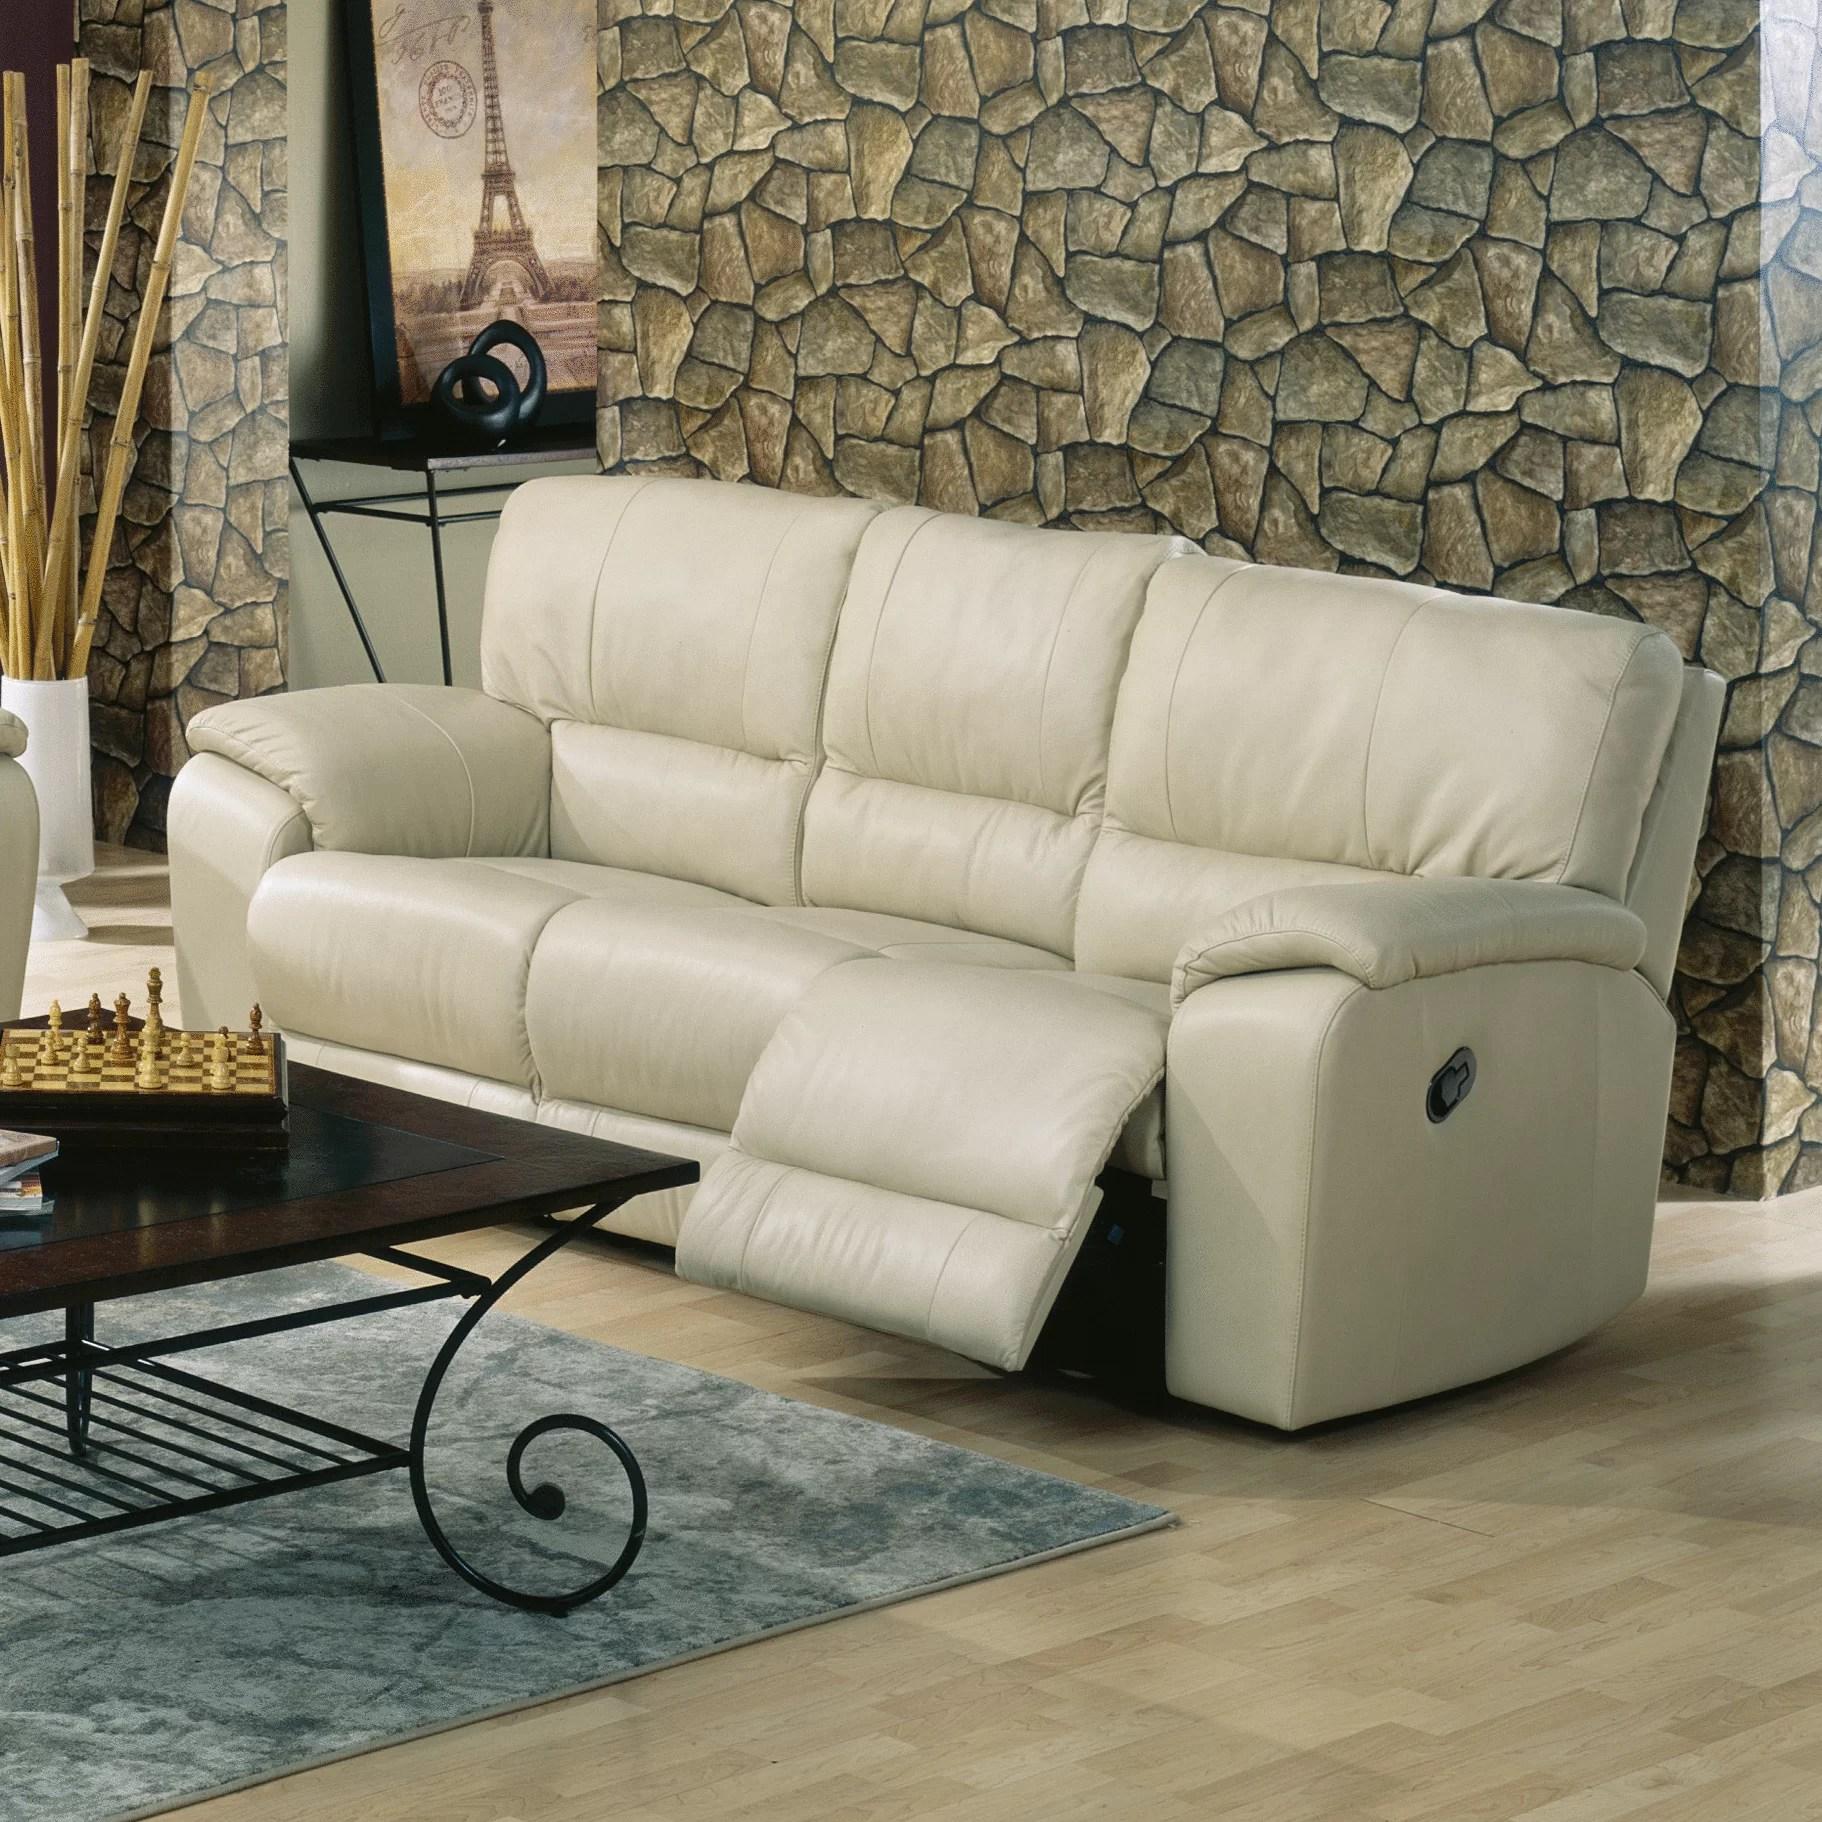 Palliser Chairs - Facingwalls